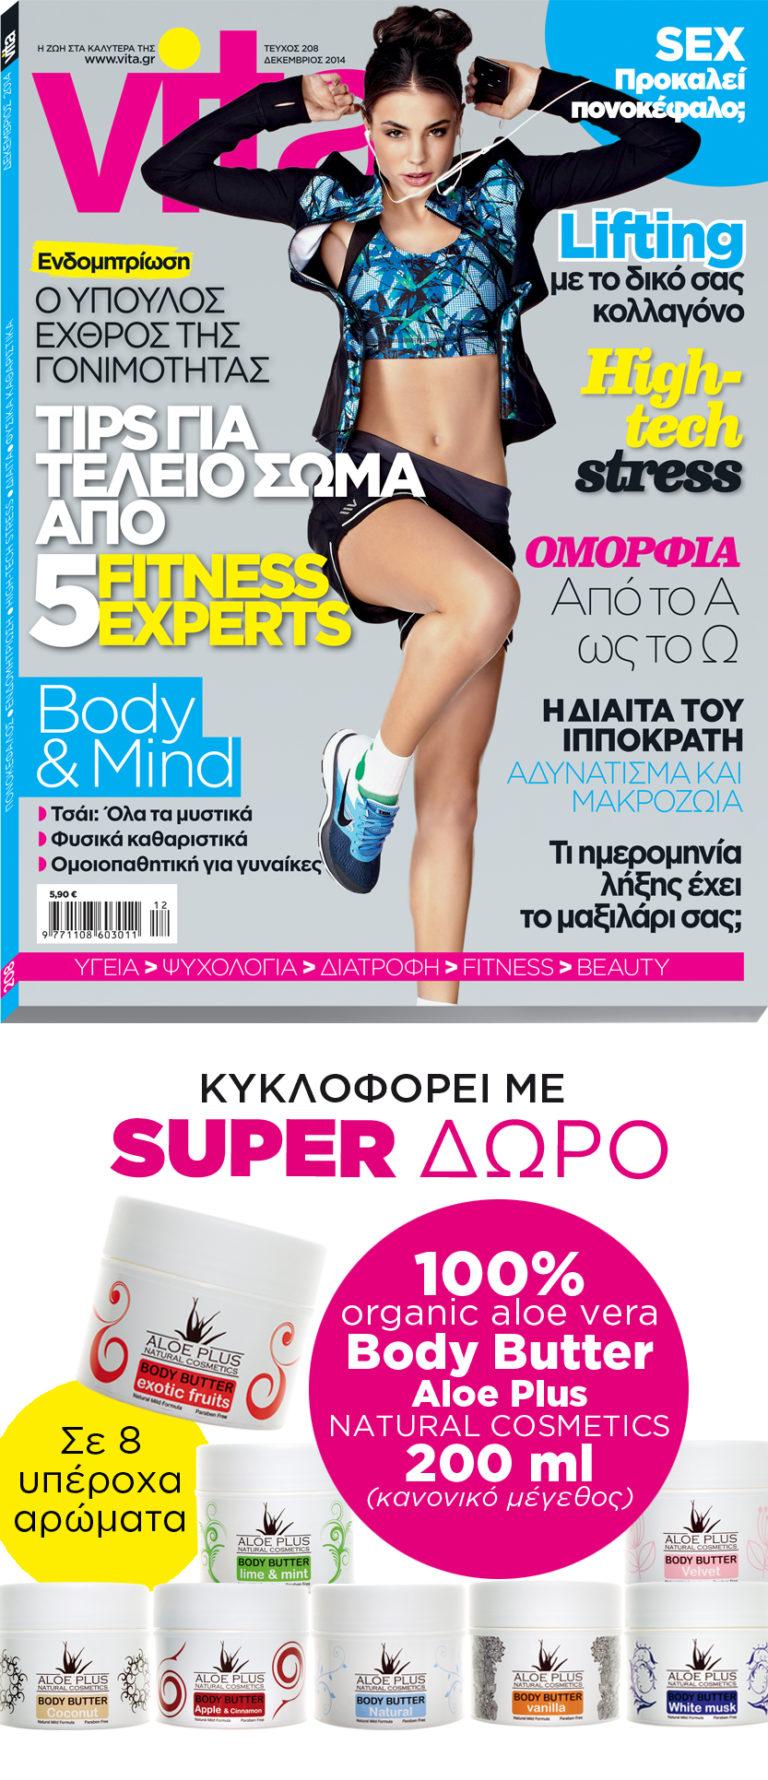 Δεκέμβριος 2014 | vita.gr